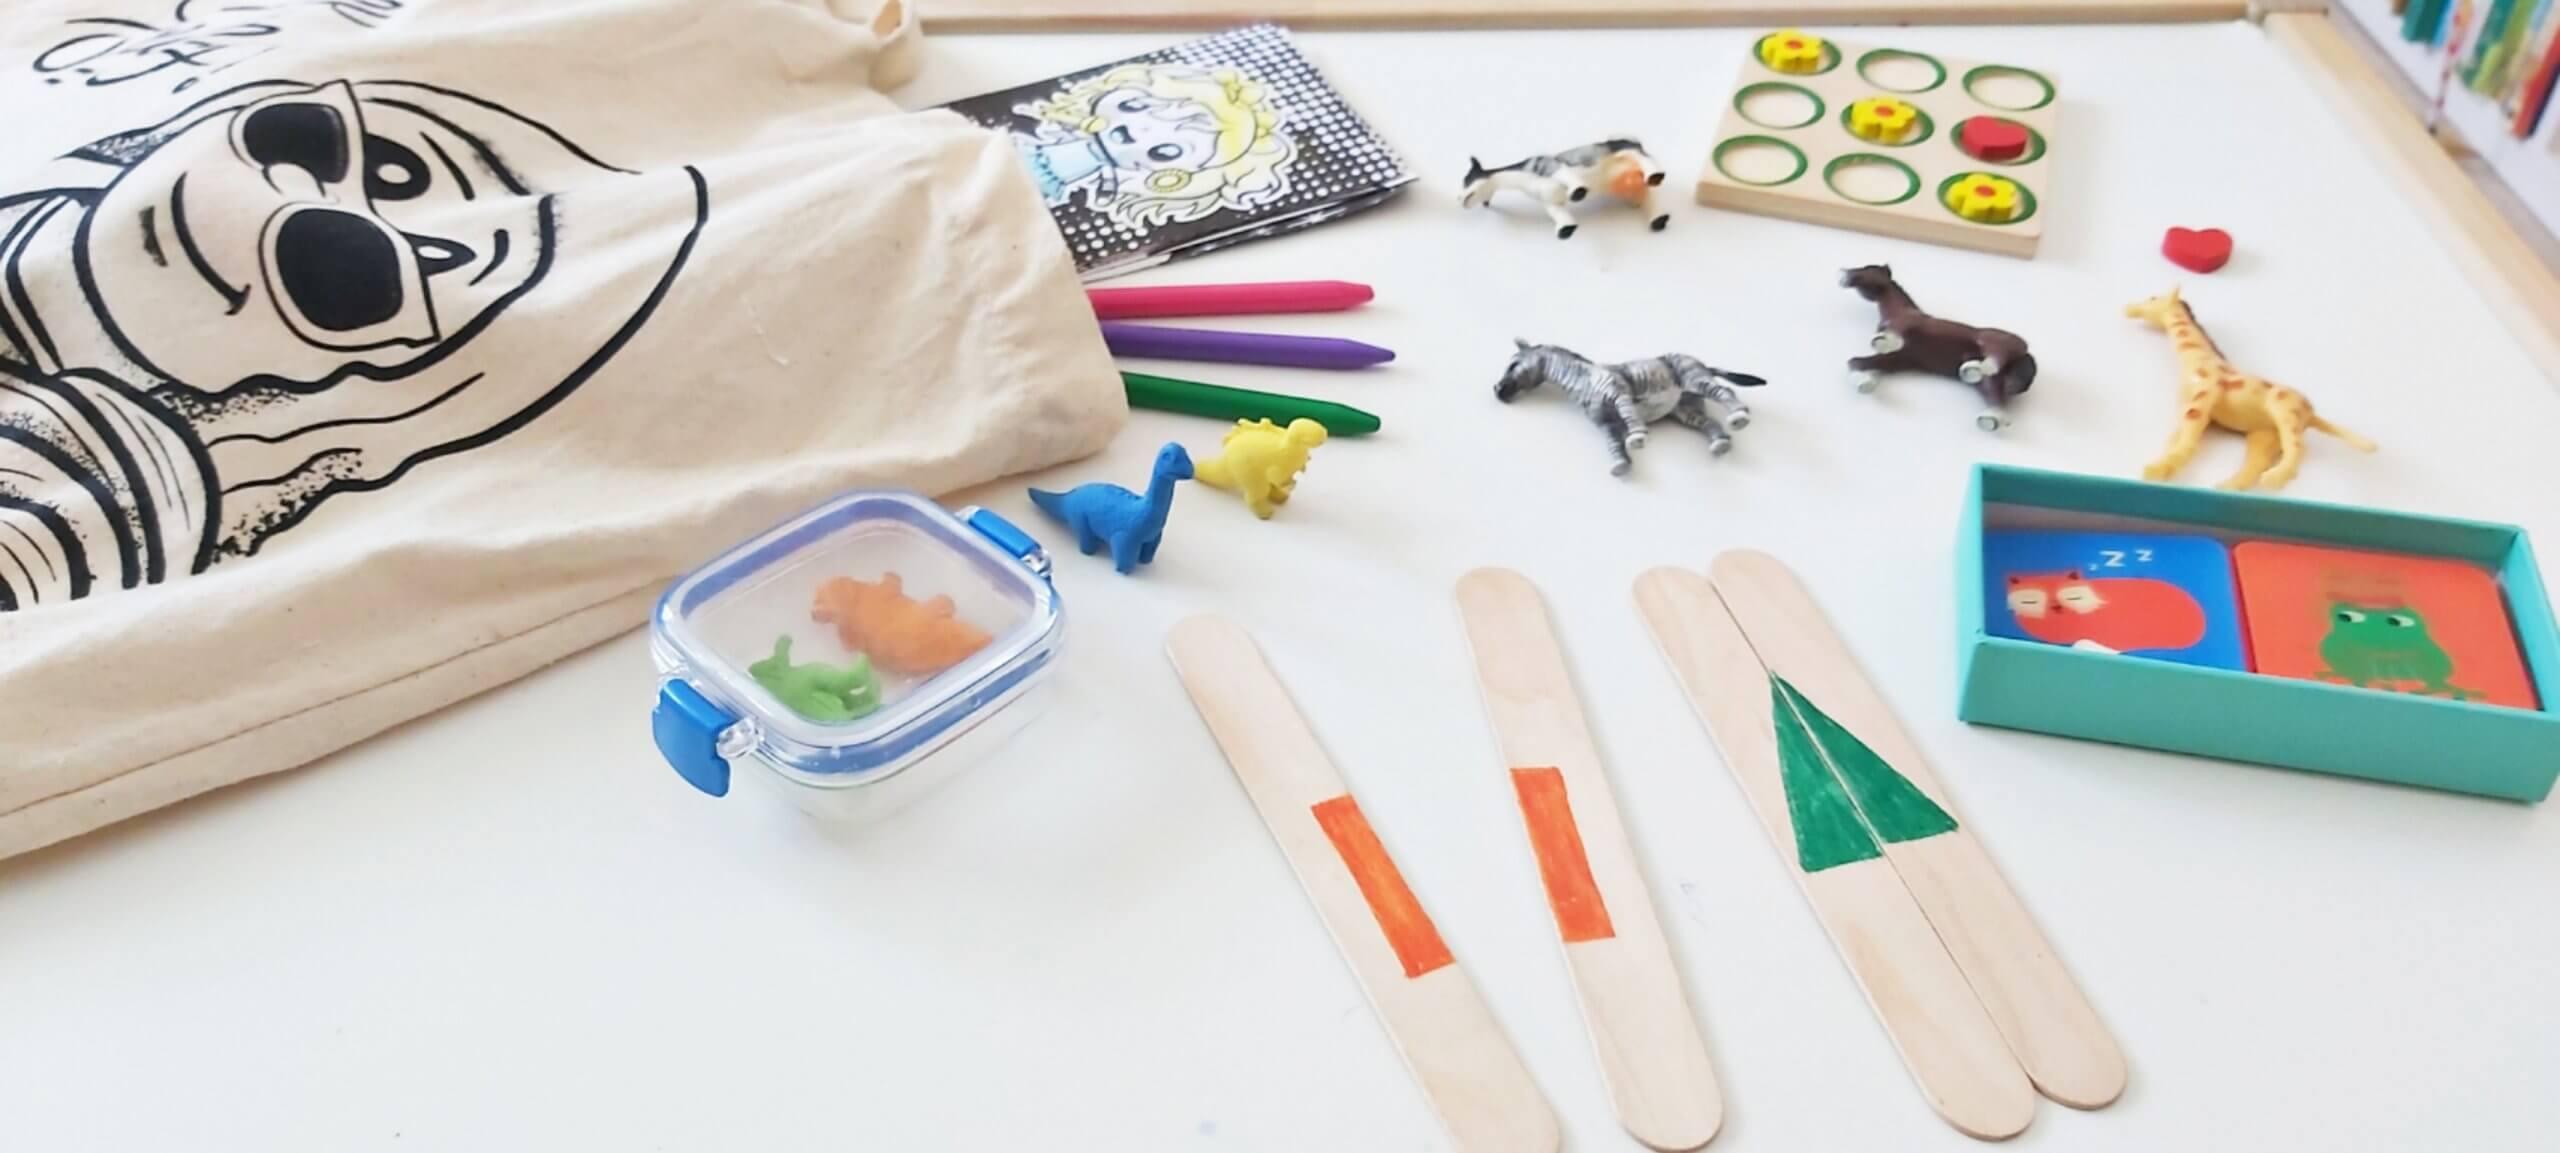 ideas de juegos para ir de viaje con niños